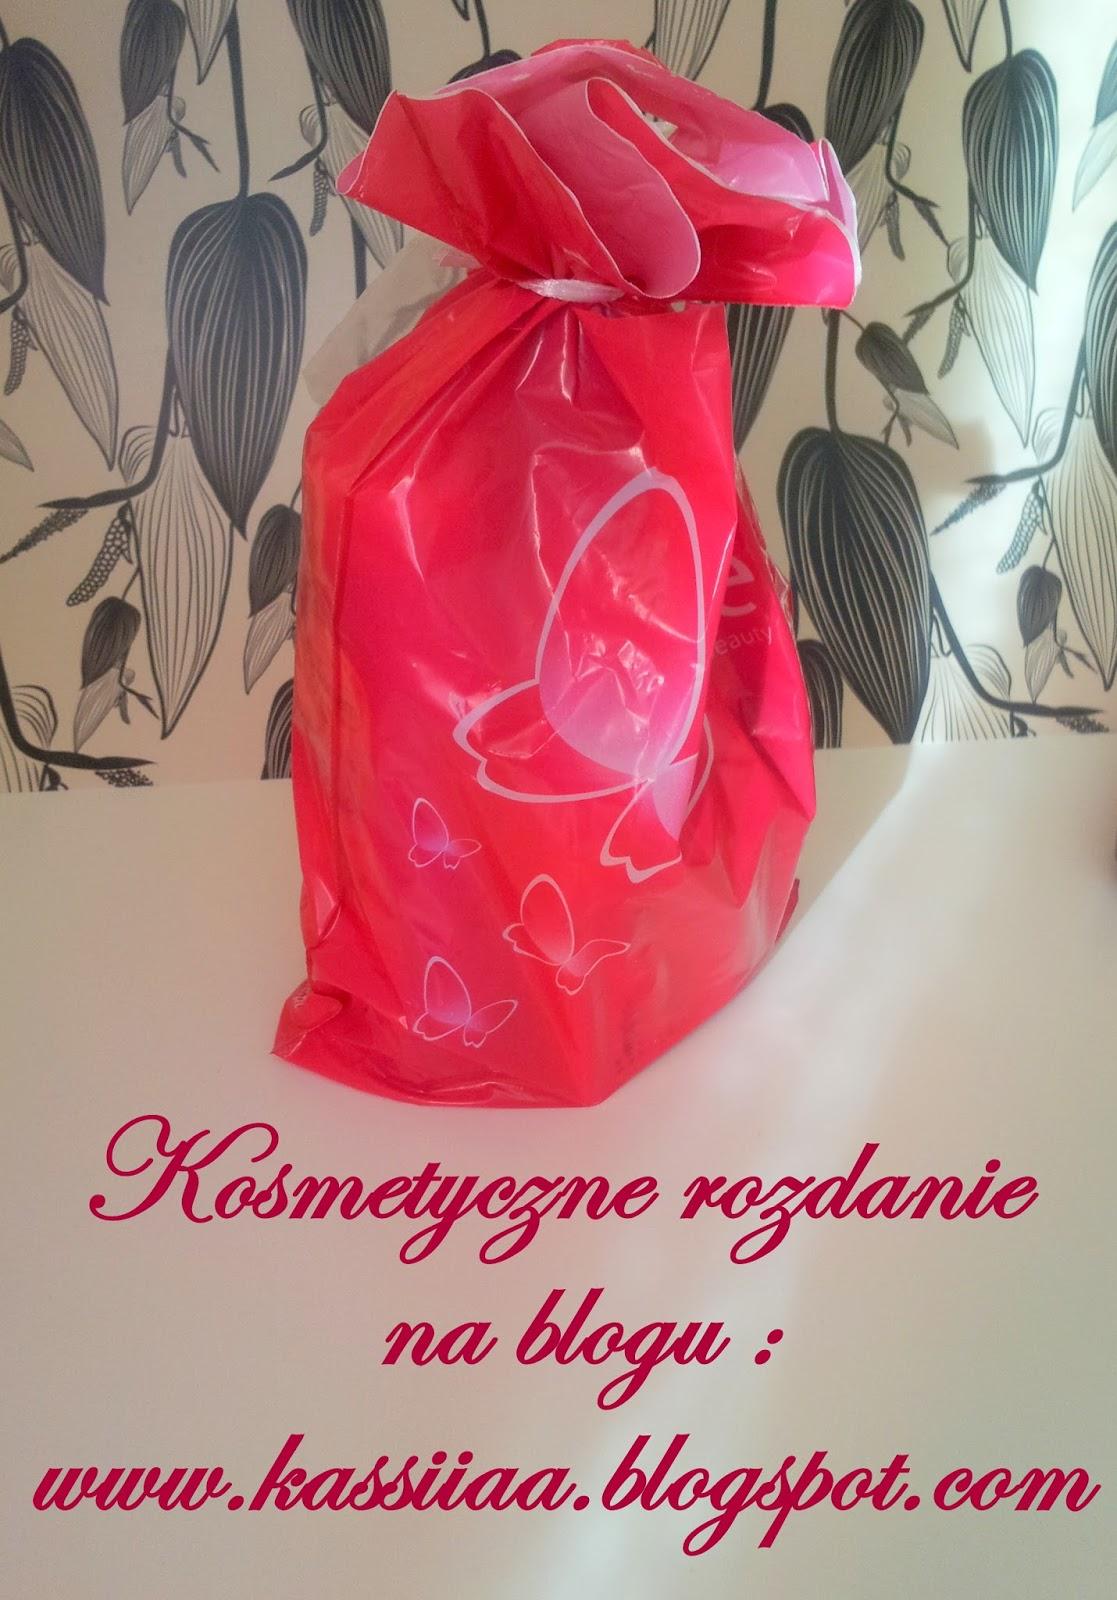 http://kassiiaa.blogspot.com/2014/10/kosmetyczne-rozdanie-na-blogu.html